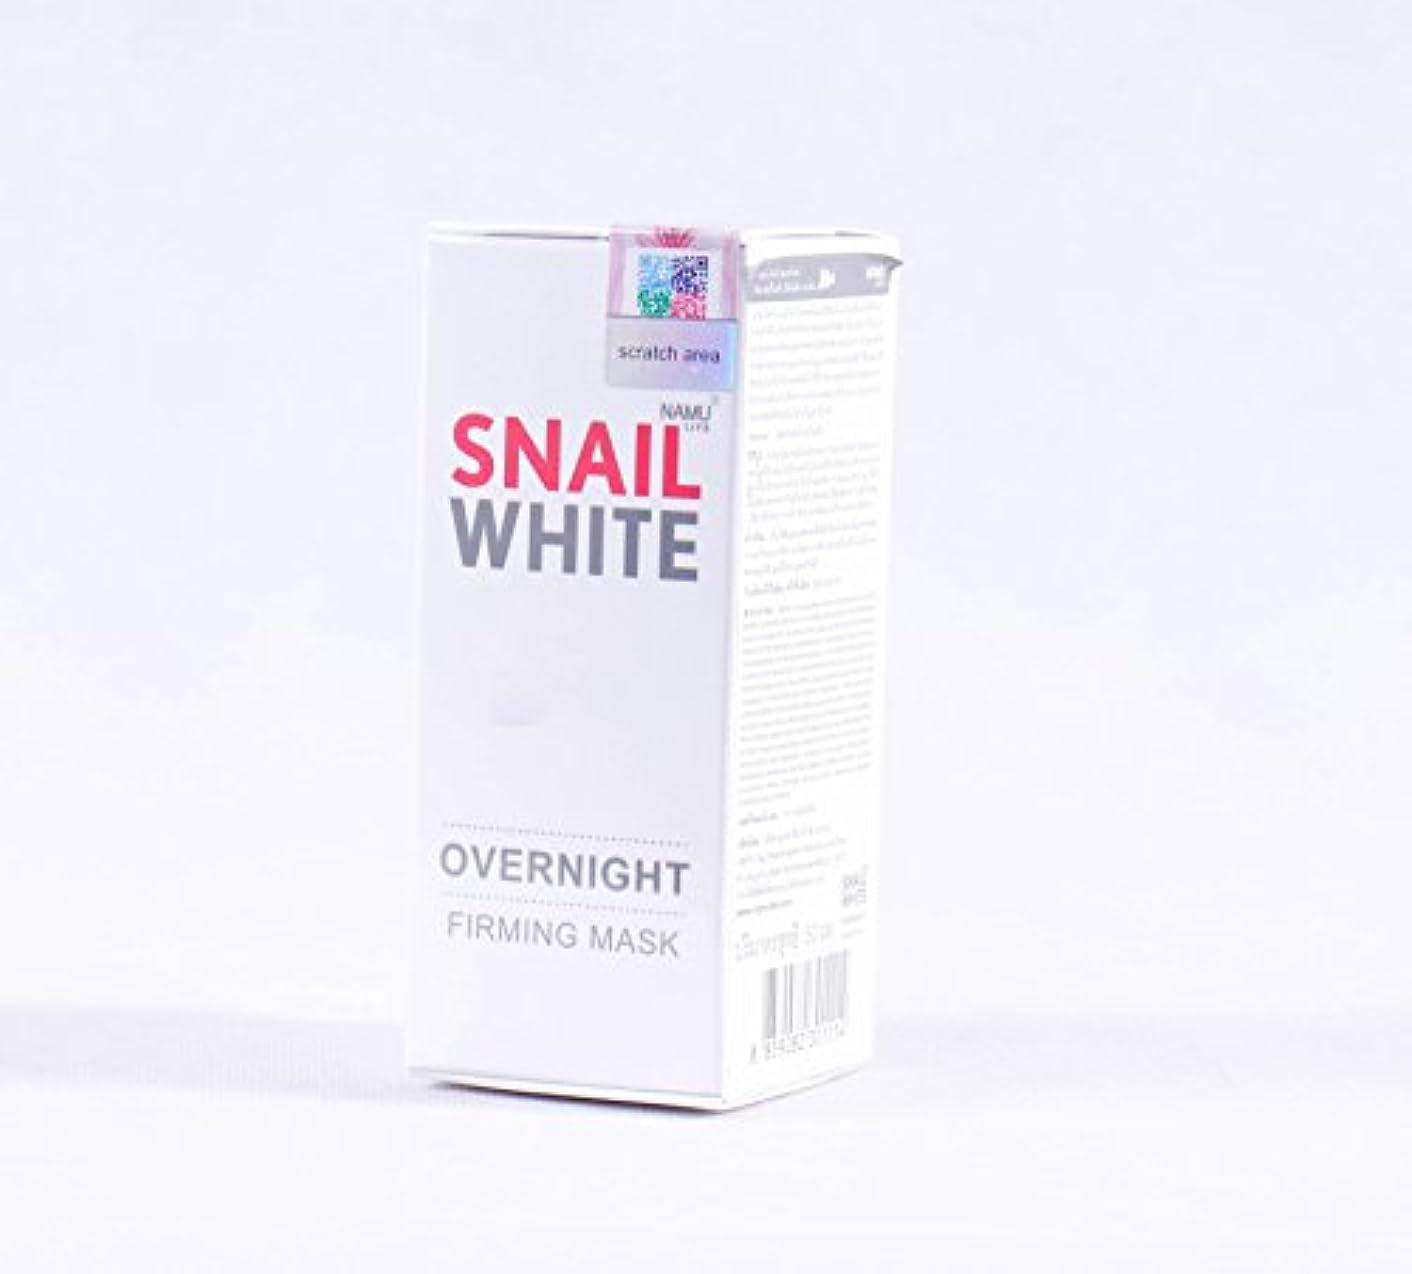 徹底過敏な予測オーバーナイトファーミングマスク50 ml。 ホワイトニング NAMU LIFE SNAILWHITE OVERNIGHT FIRMING MASK 50 ml.